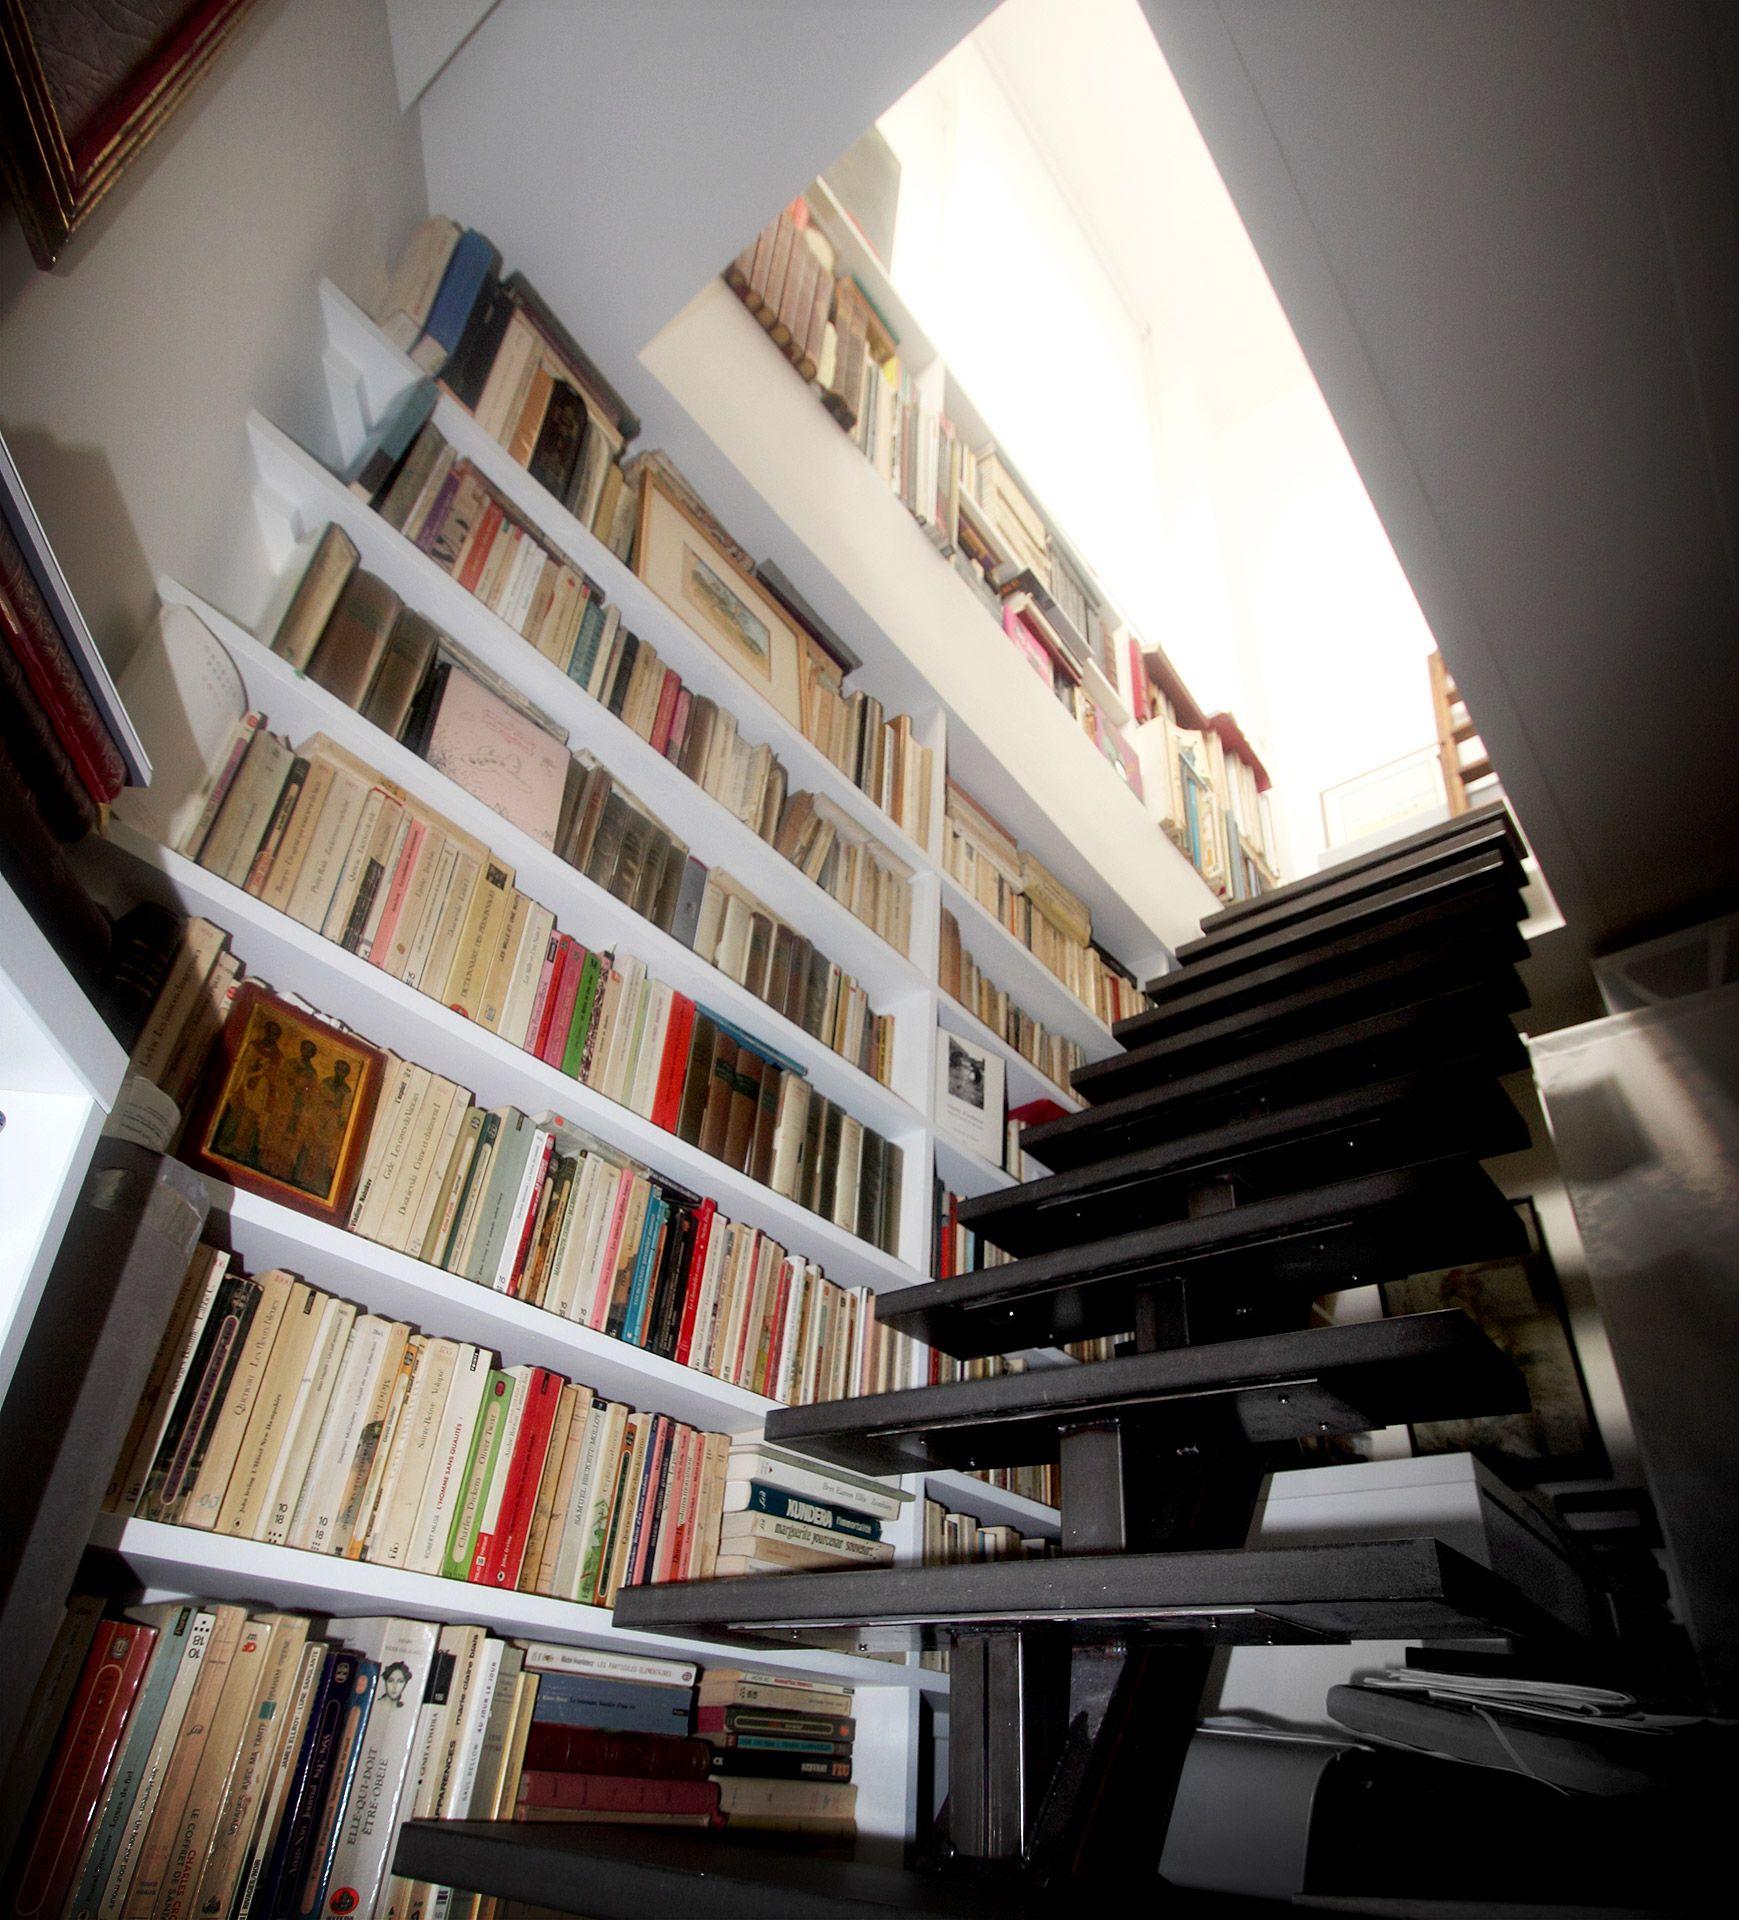 souplex verriere escalier metallique bibliotheque agence avous agence avous escalier. Black Bedroom Furniture Sets. Home Design Ideas